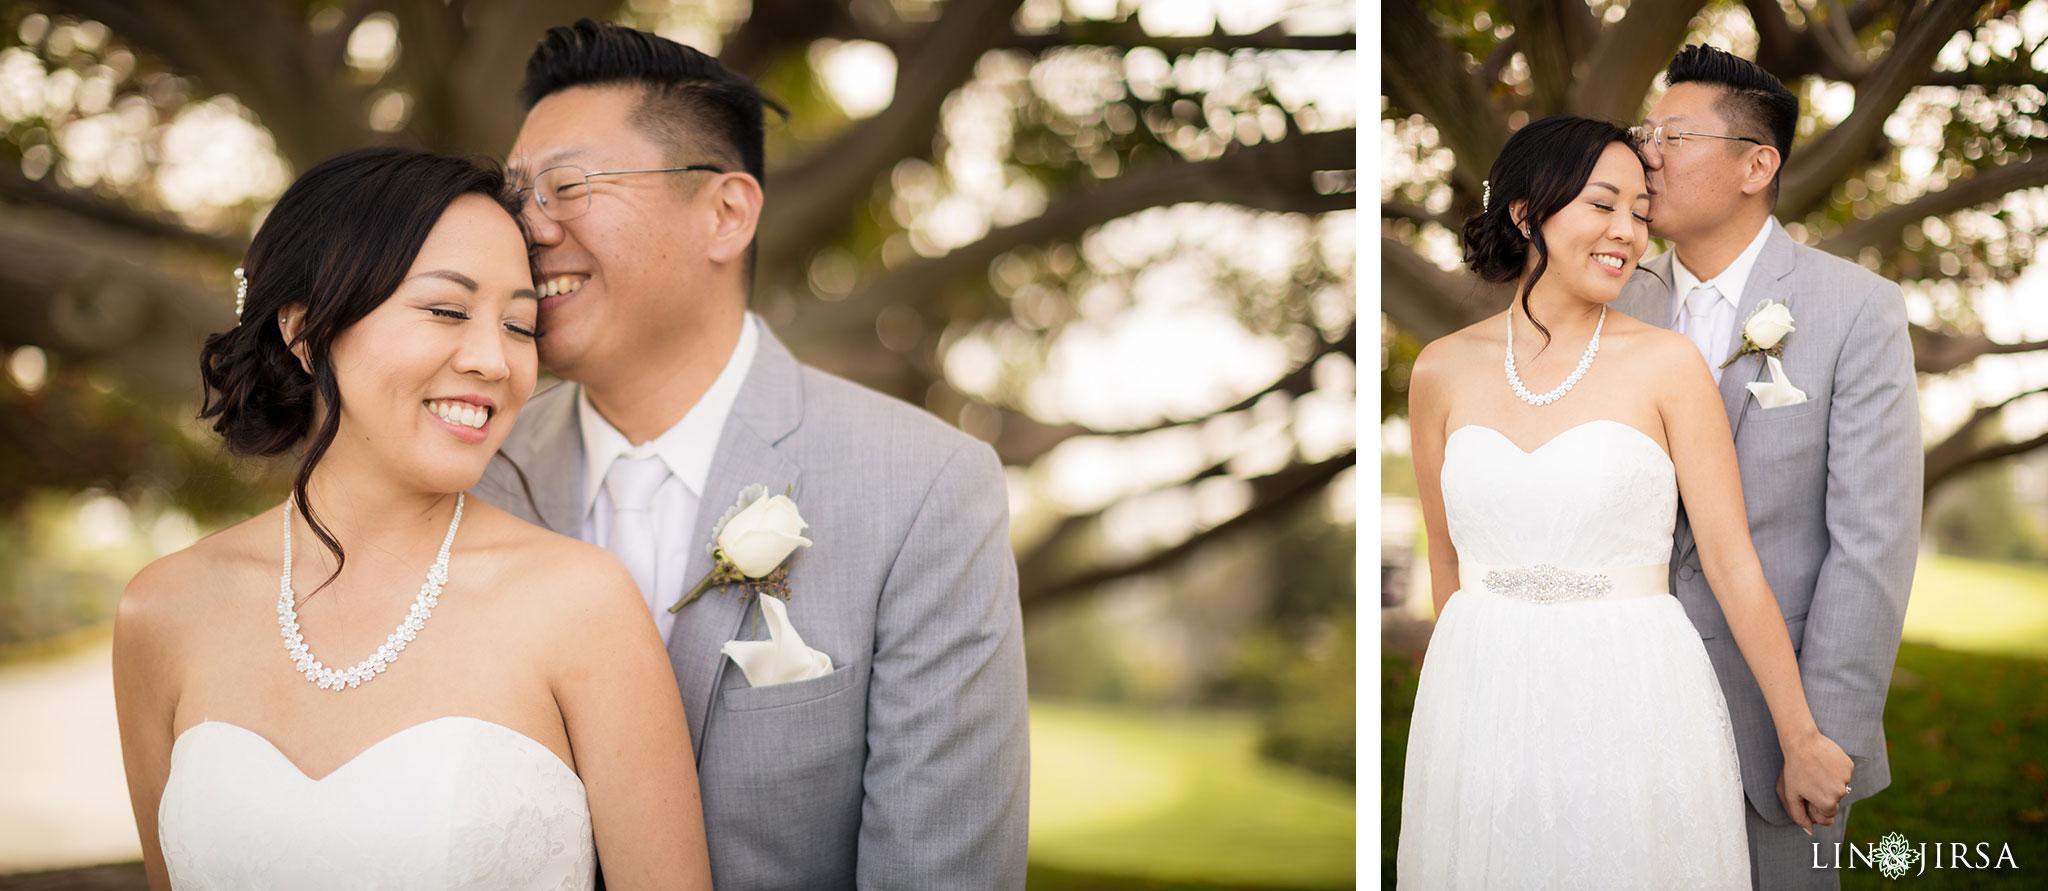 10 westridge golf club la habra wedding photography